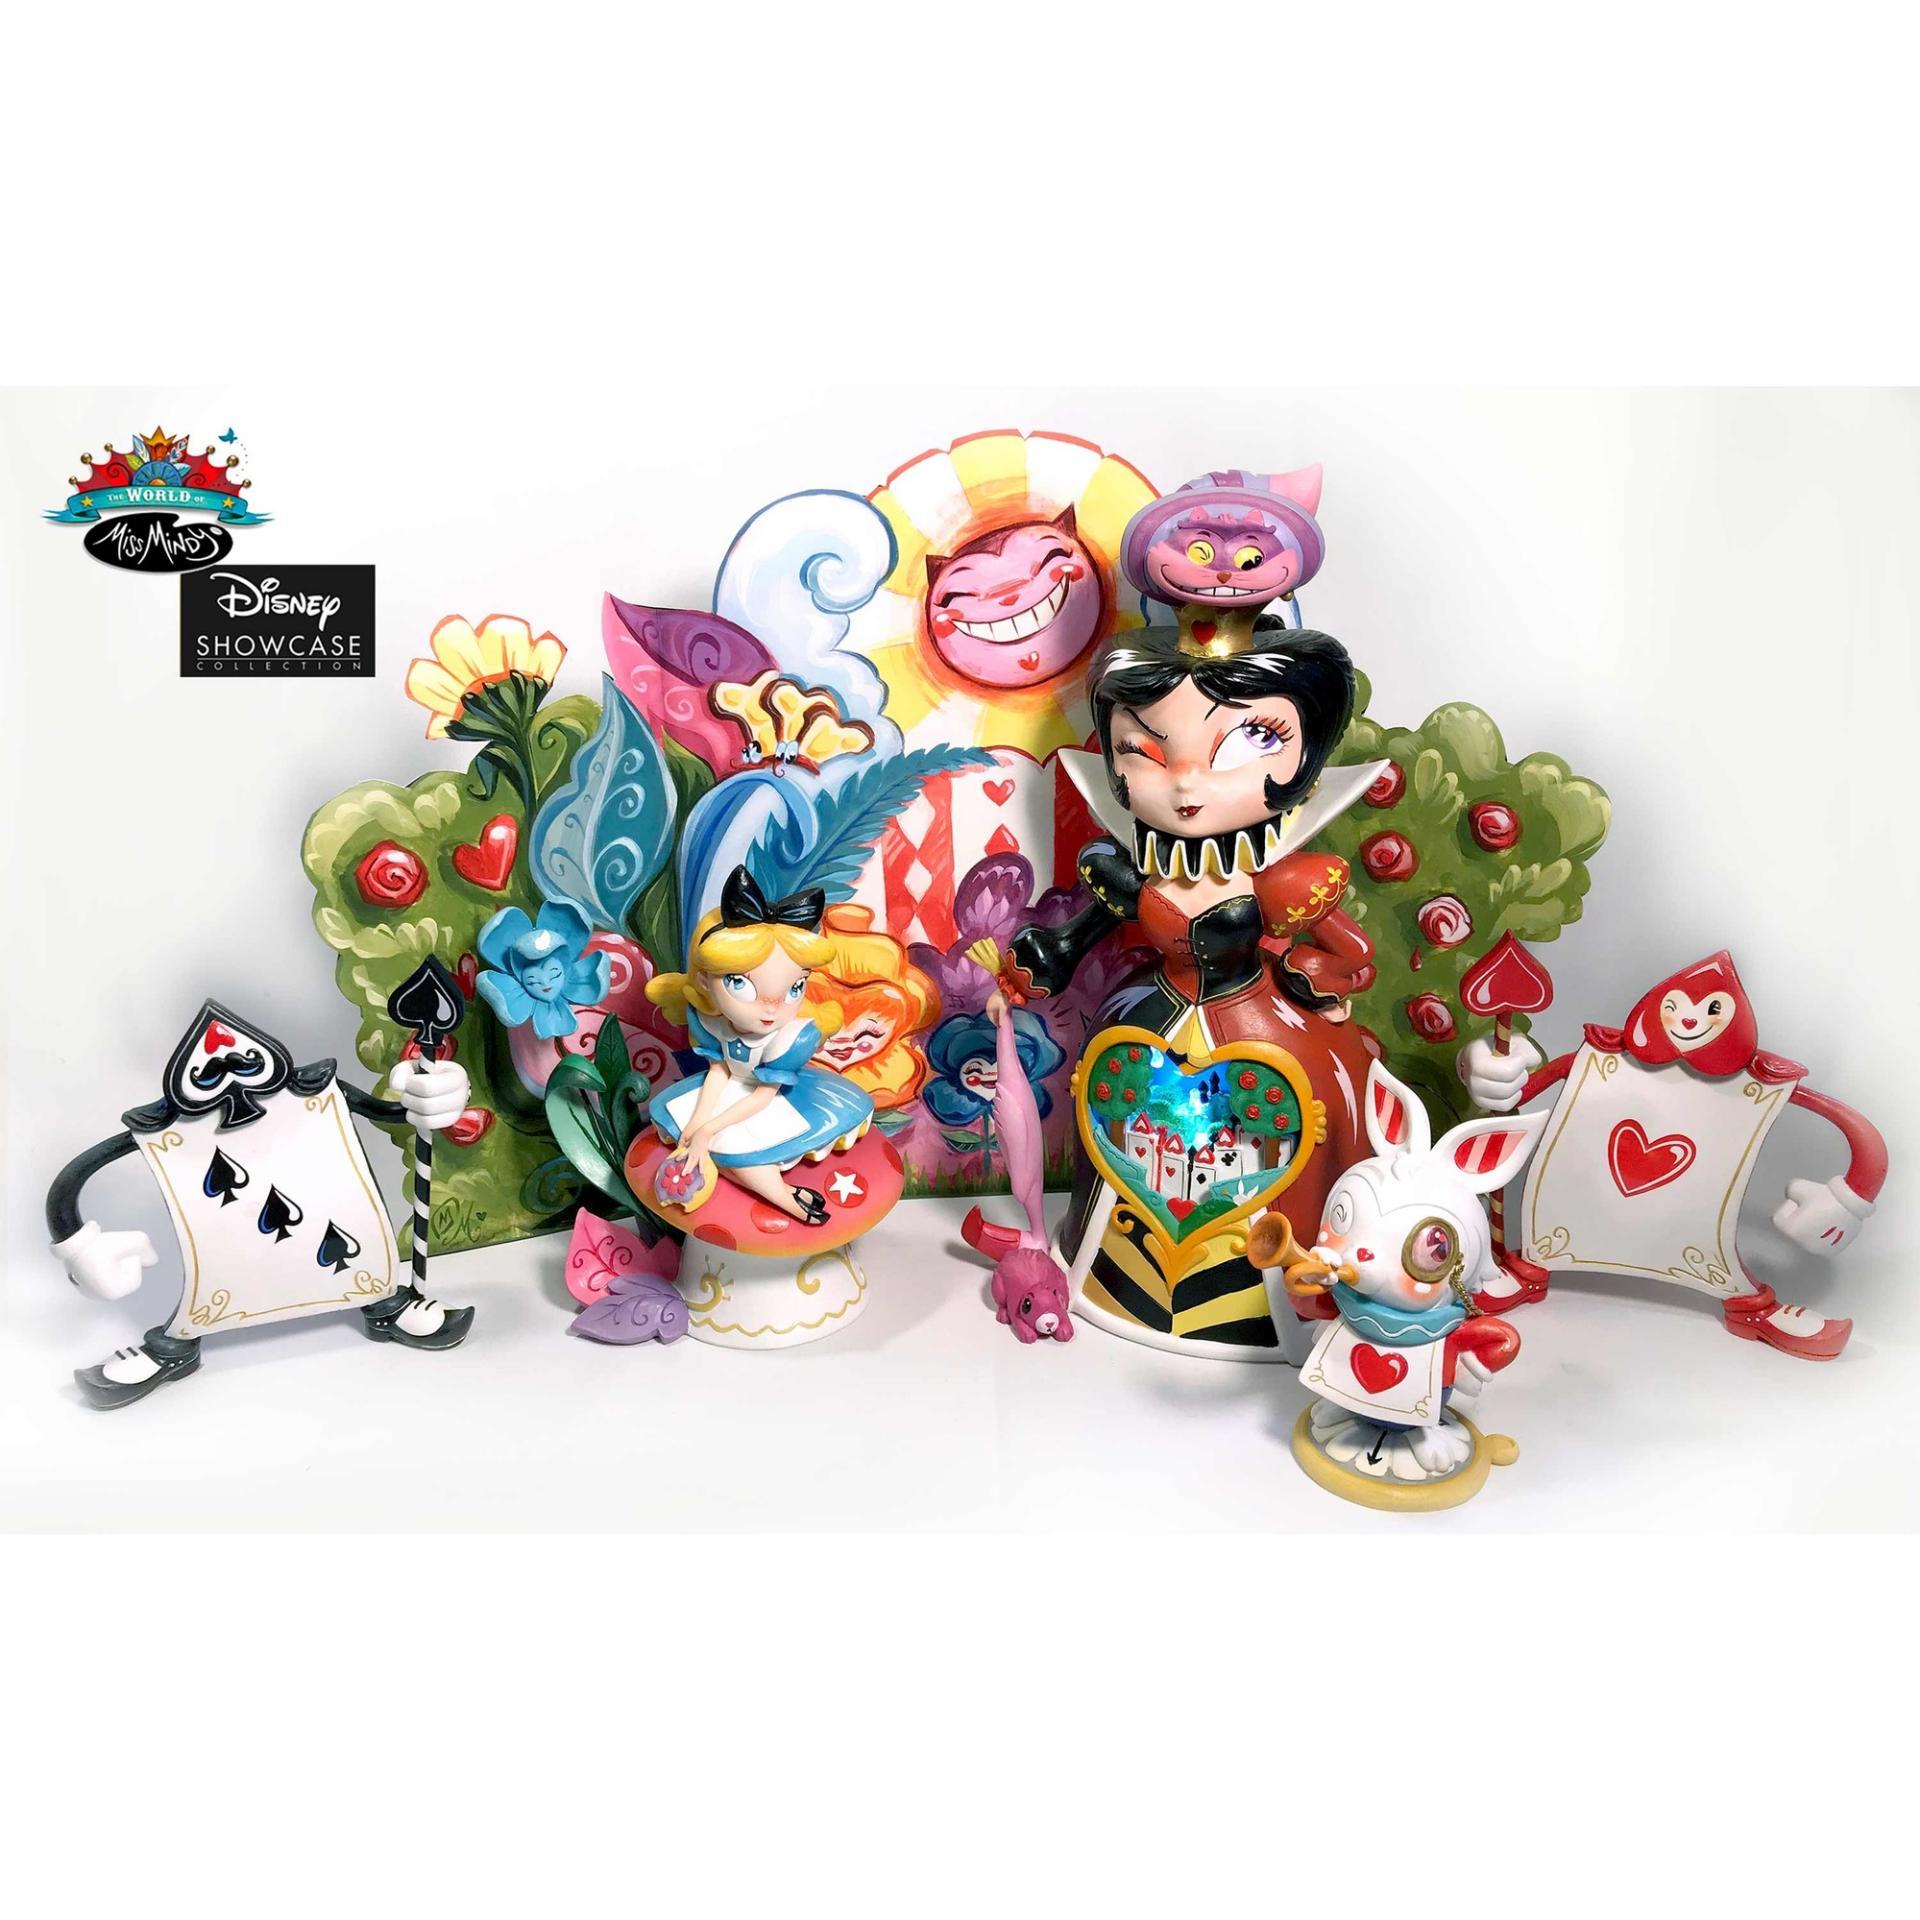 Alice In Wonderland Deluxe Set